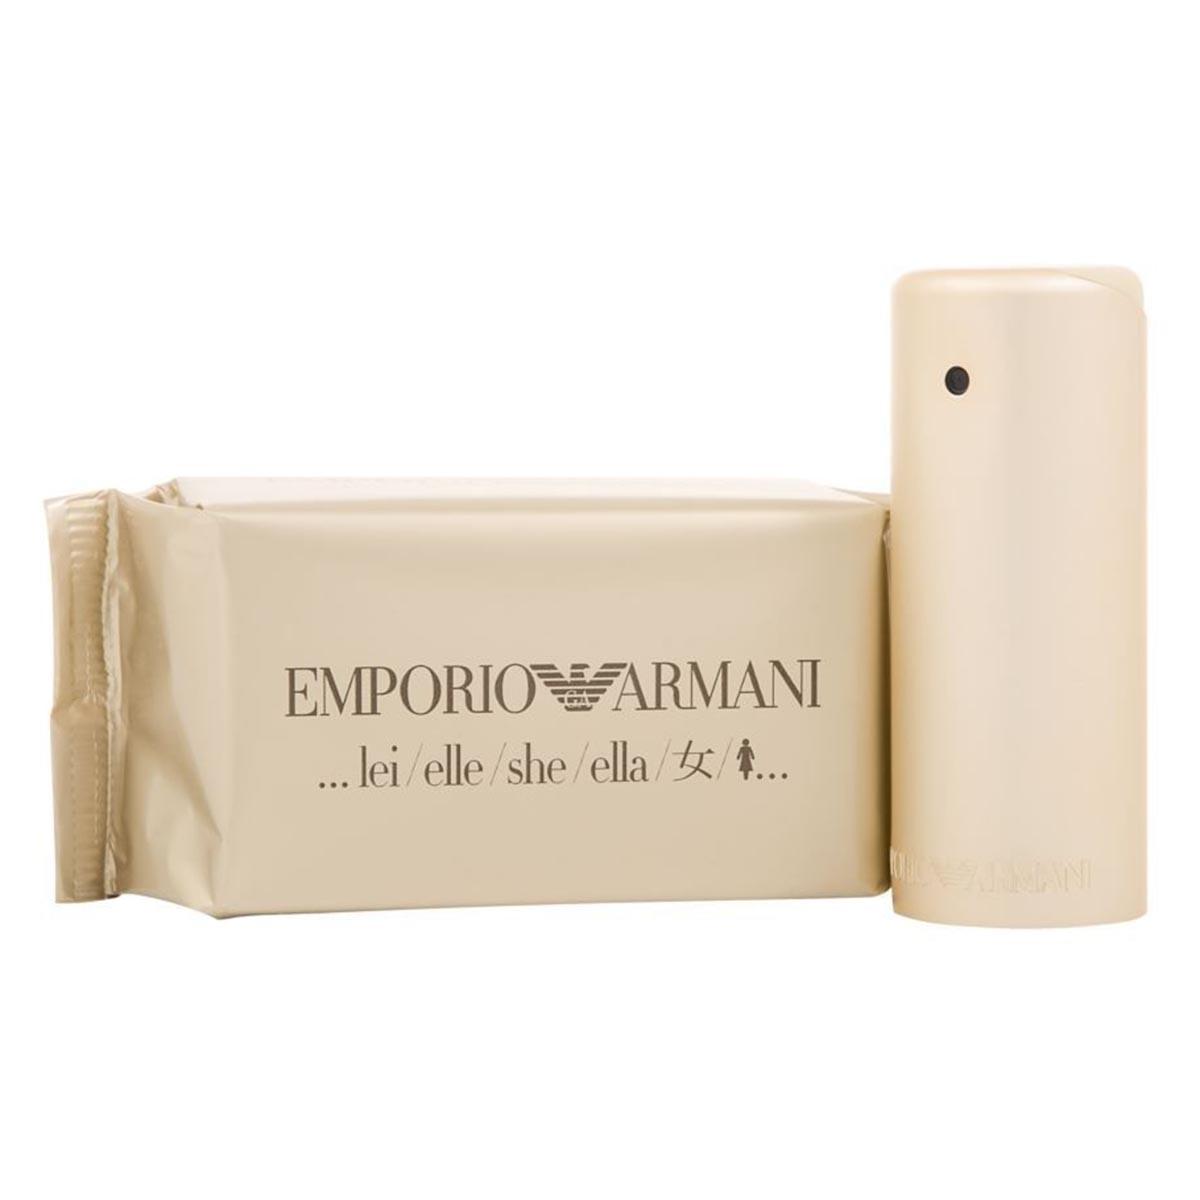 Giorgio armani emporio armani elle eau de parfum 30ml vaporizador